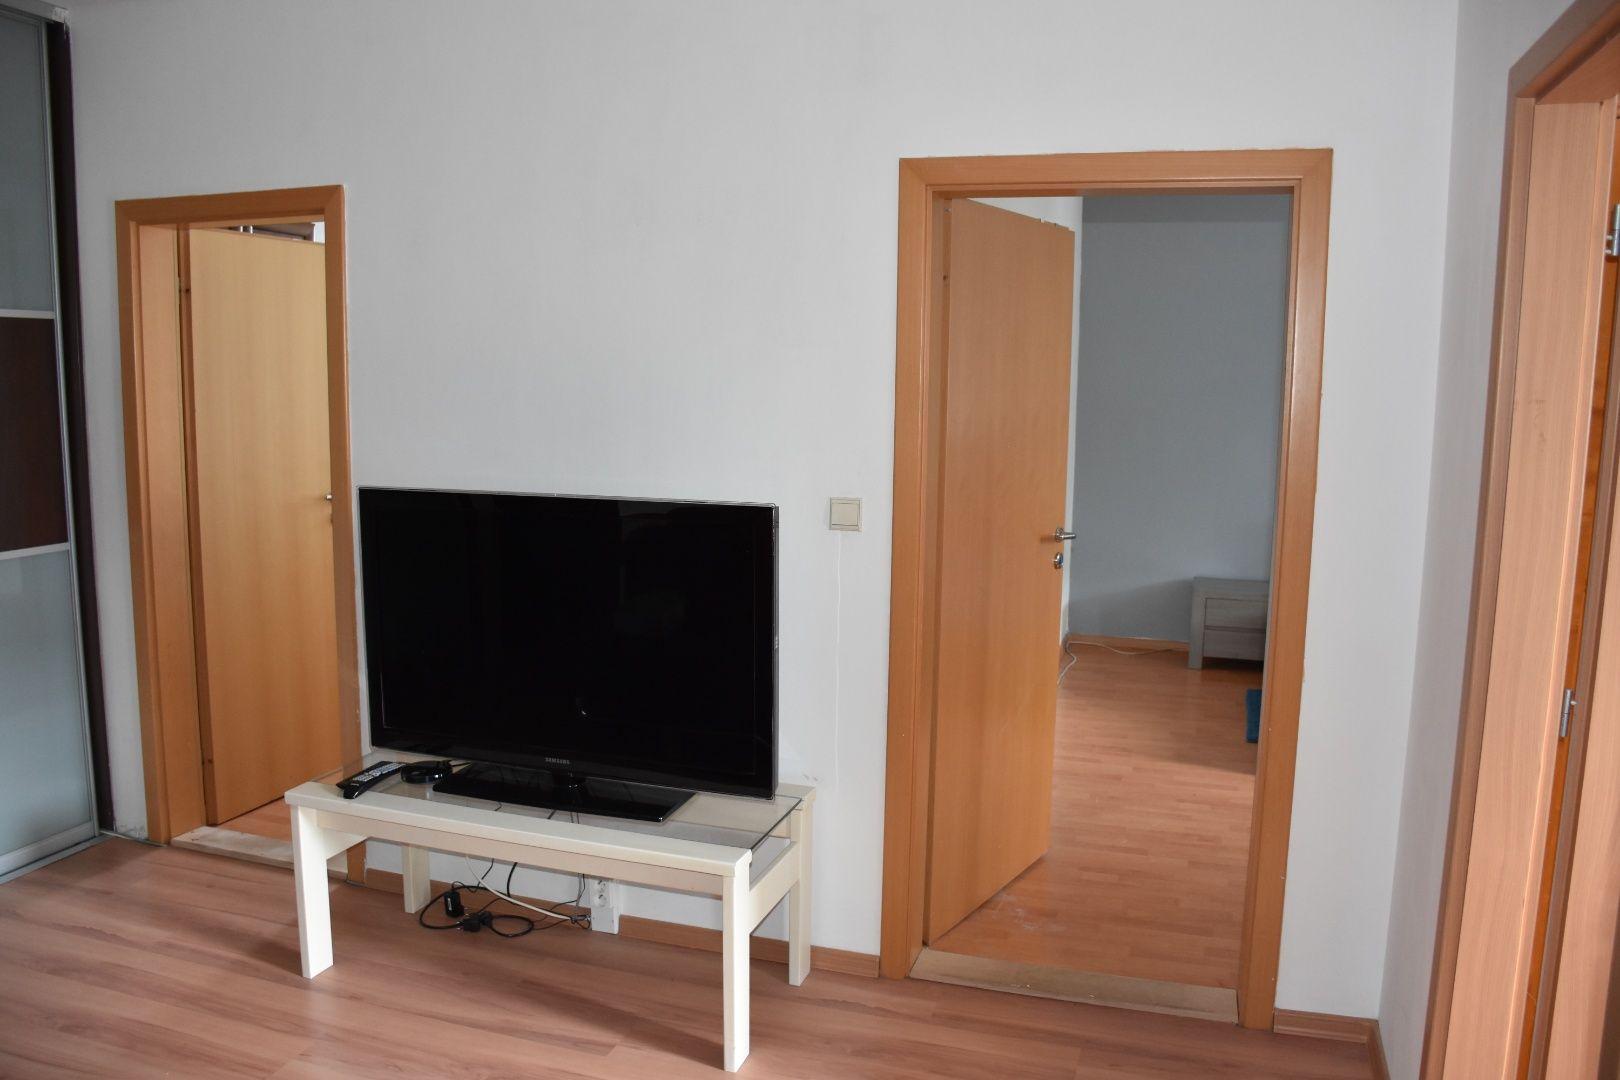 NA PRENÁJOM: 3-izbový byt, Budatínska ulica, Bratislava - Petržalka